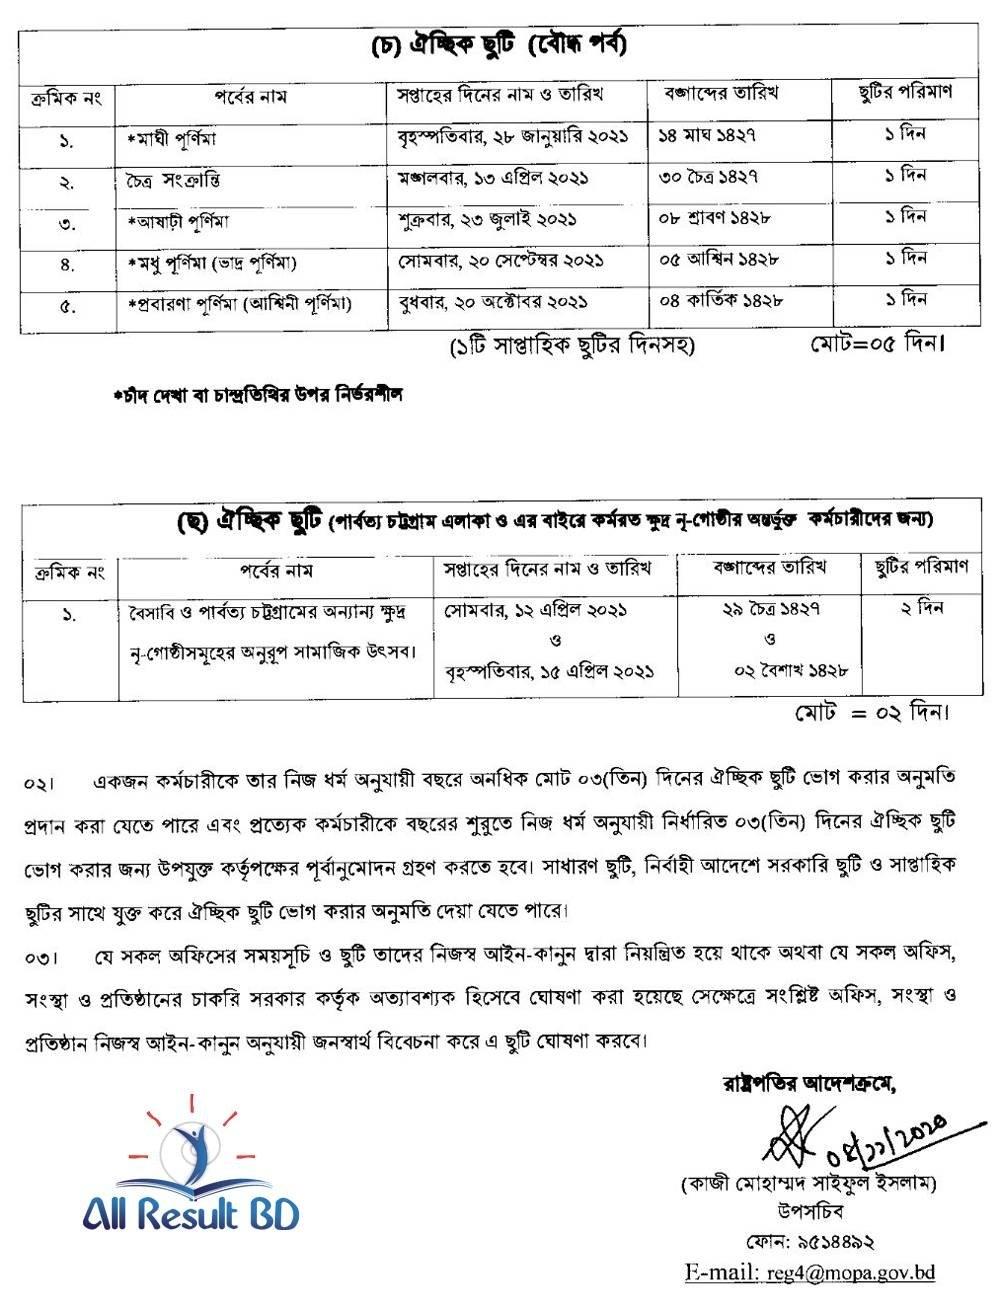 Govt Holiday 2021 Bangladesh Government Calendar Bd for Bangladesh Govt Holidays 2021 Calendar Image